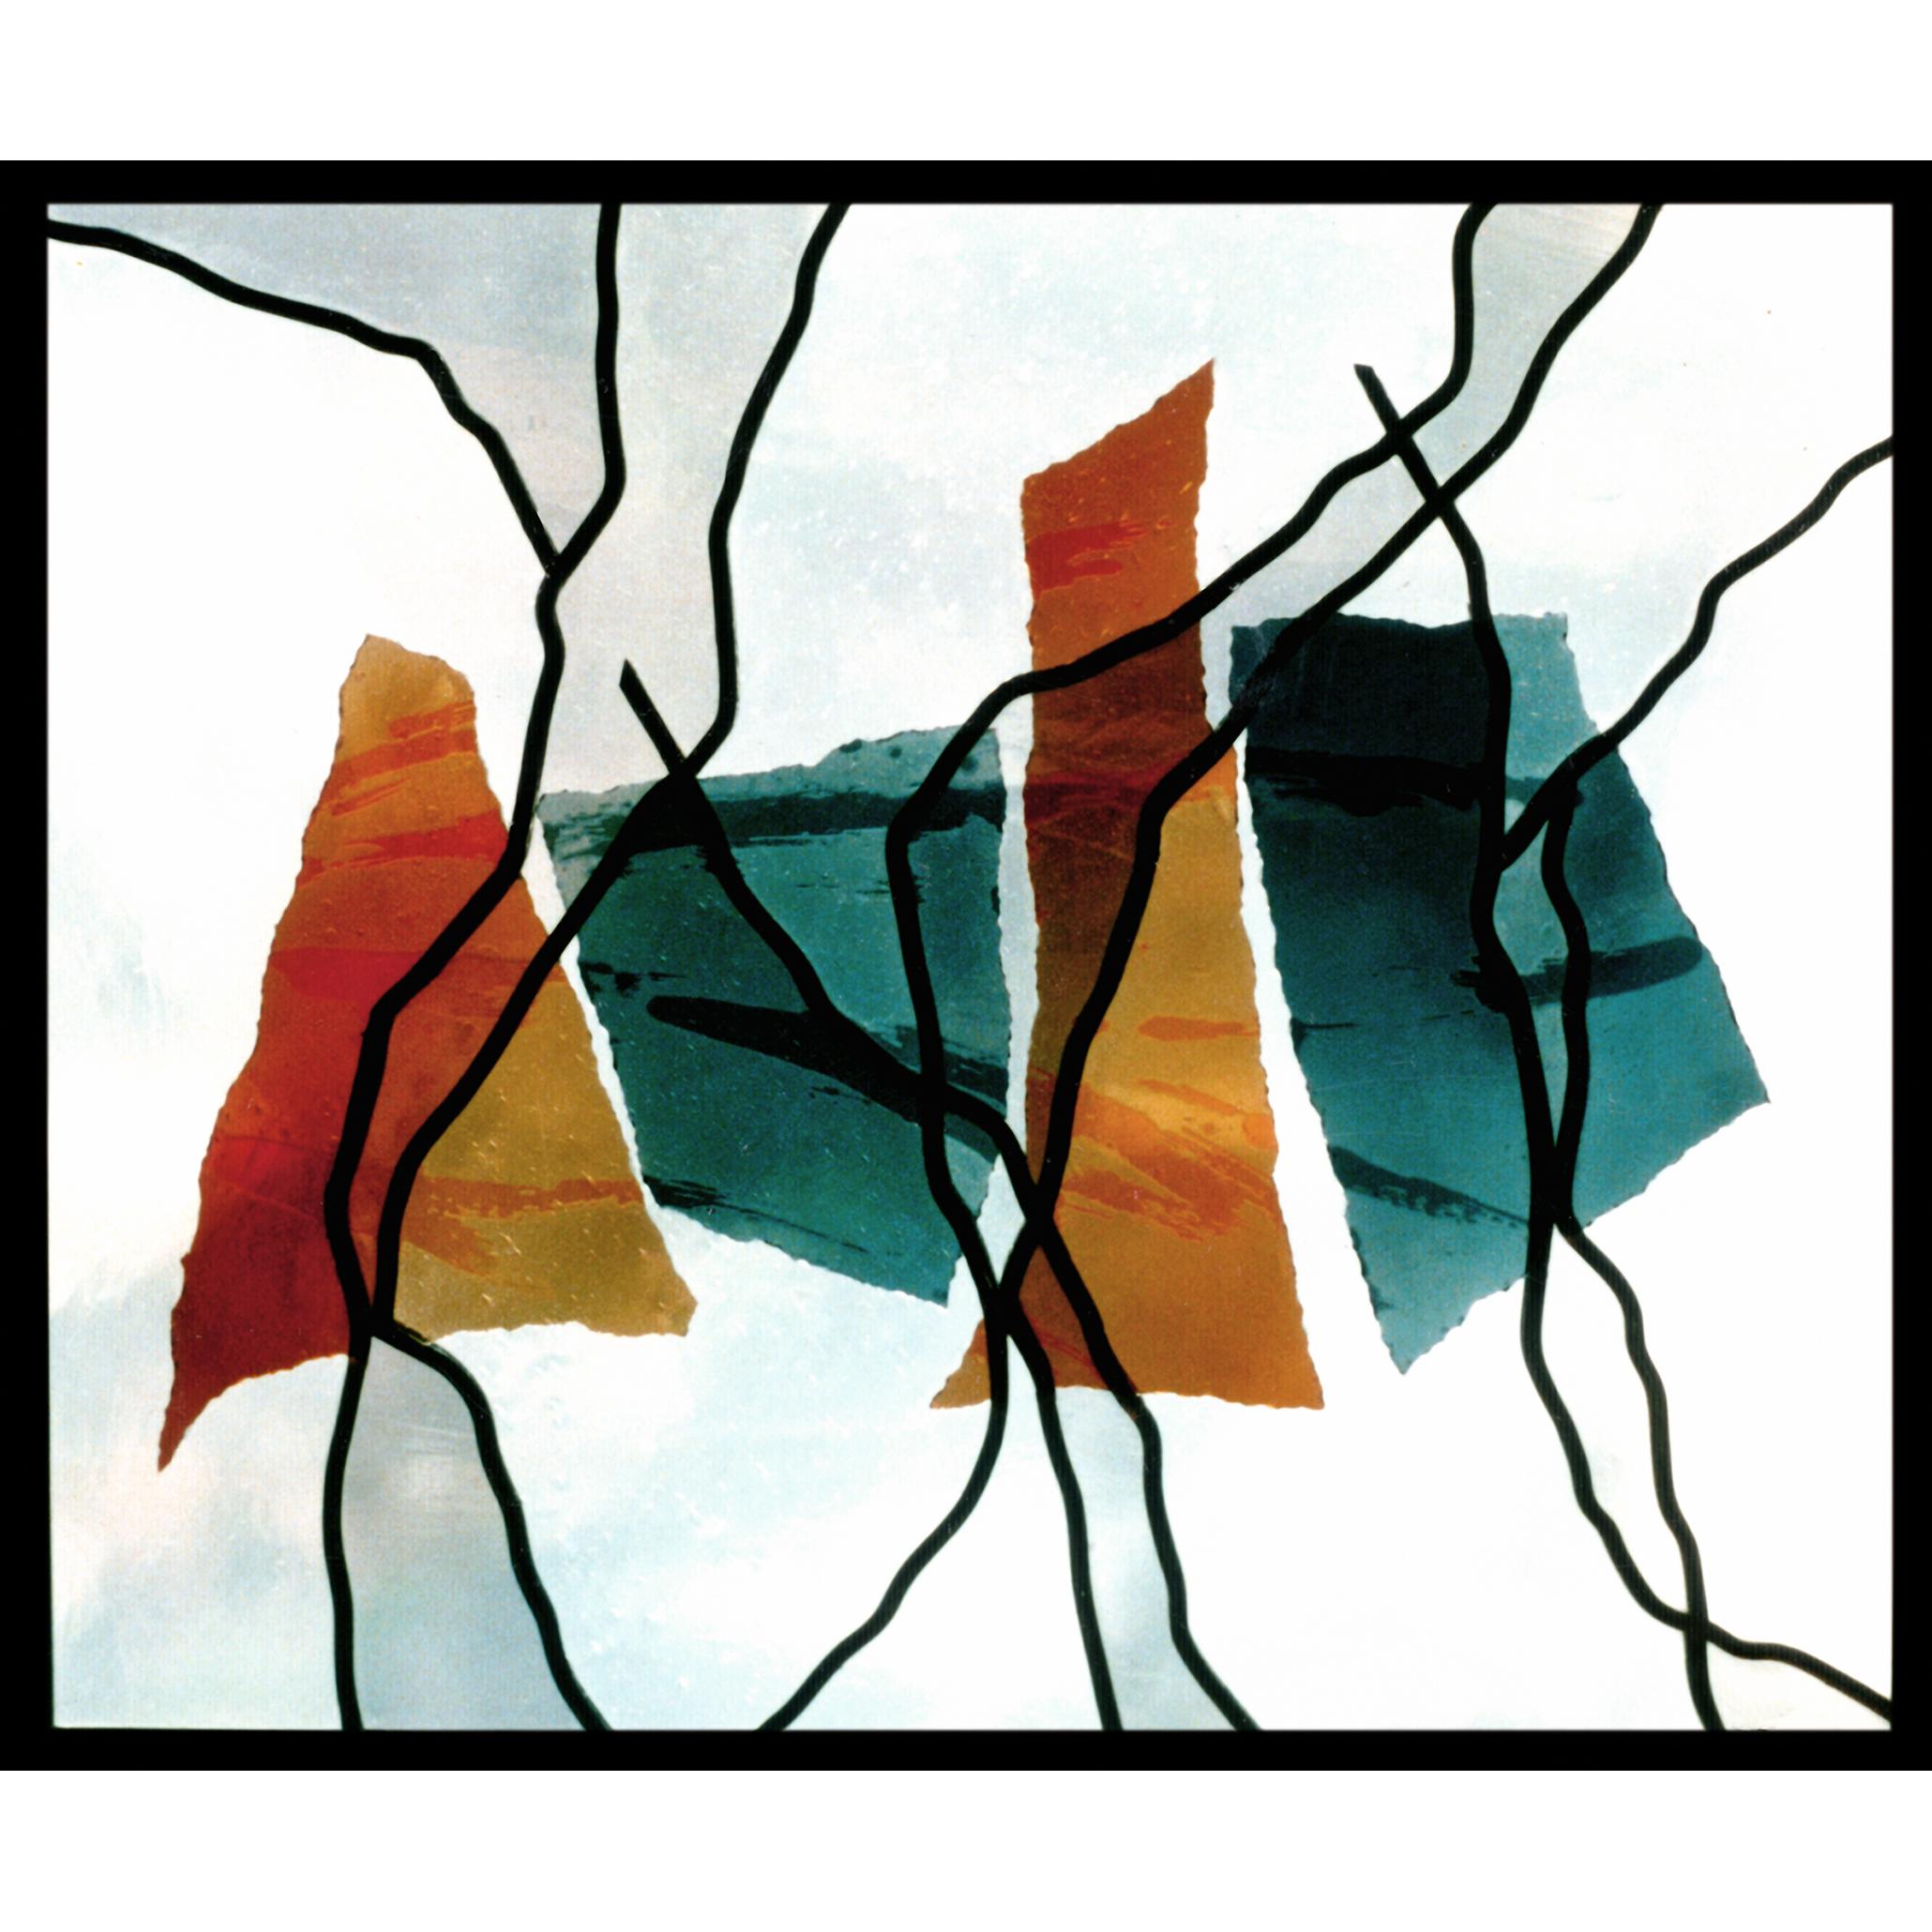 Gerissen: Glaskomposition Collage und Bleiverglasung -Glas-Design-Glaskunst-Glasmalerei-Bleiverglasung